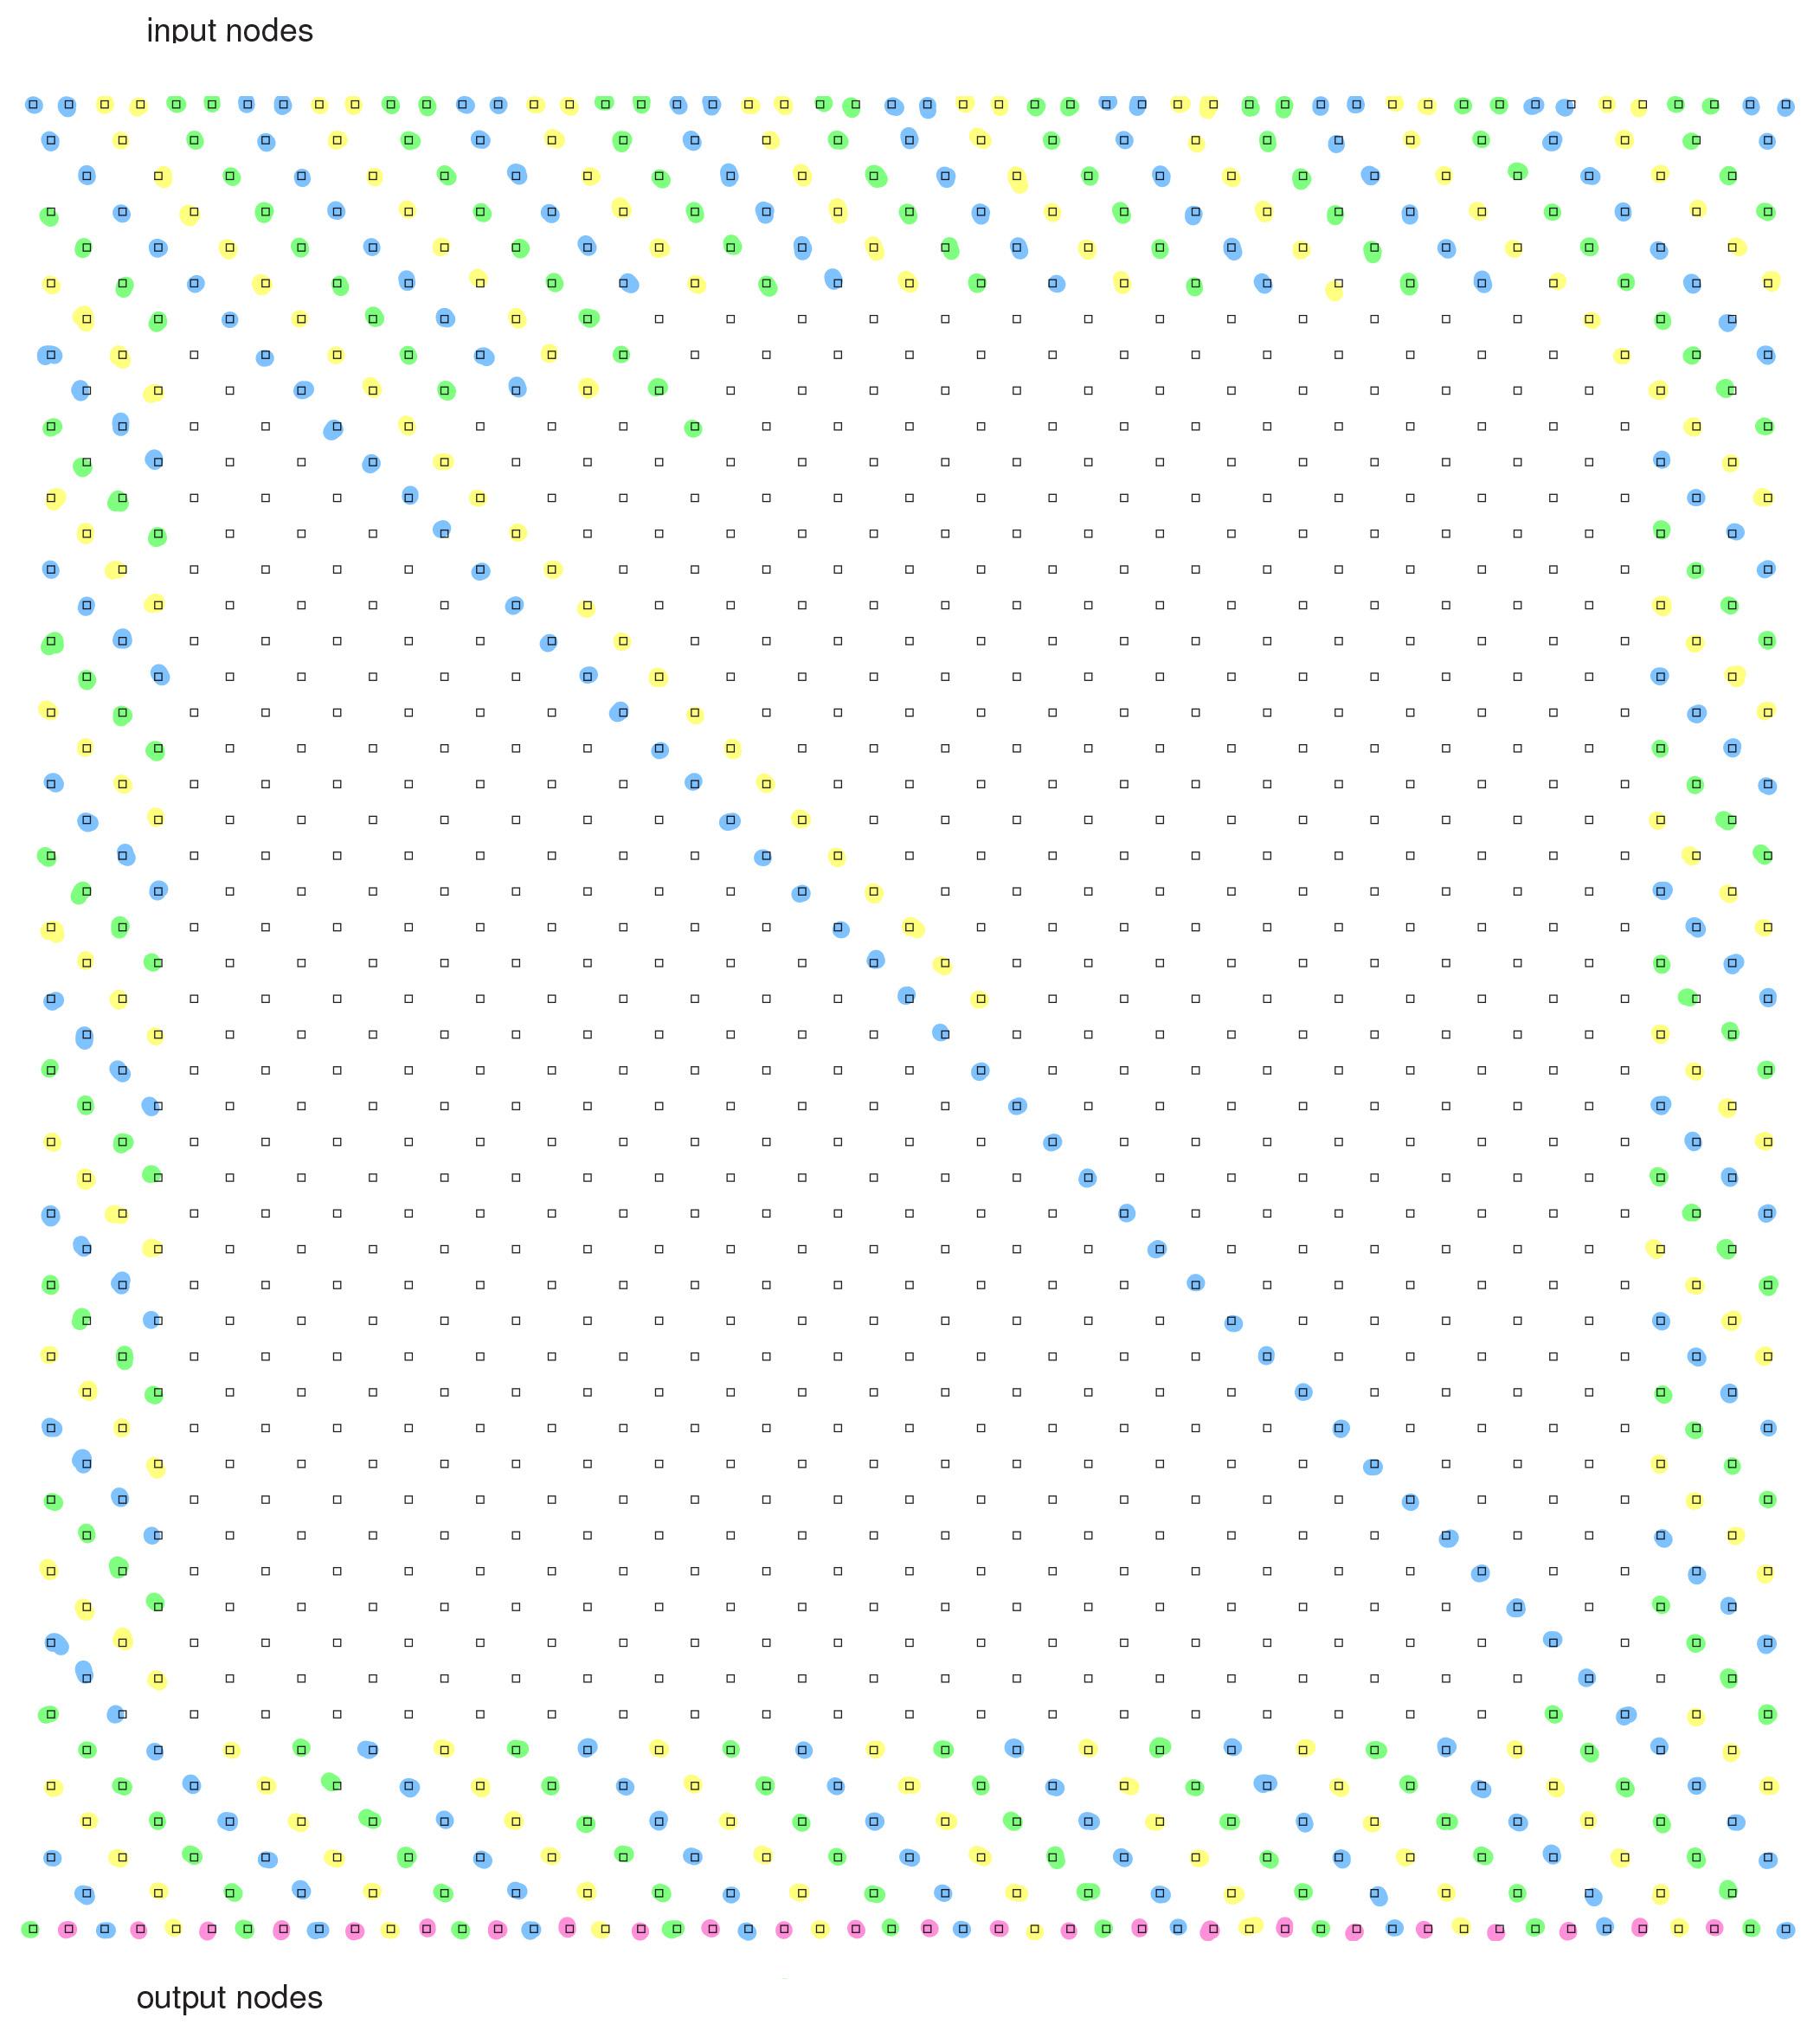 Netzwerk mit 2500 Knoten